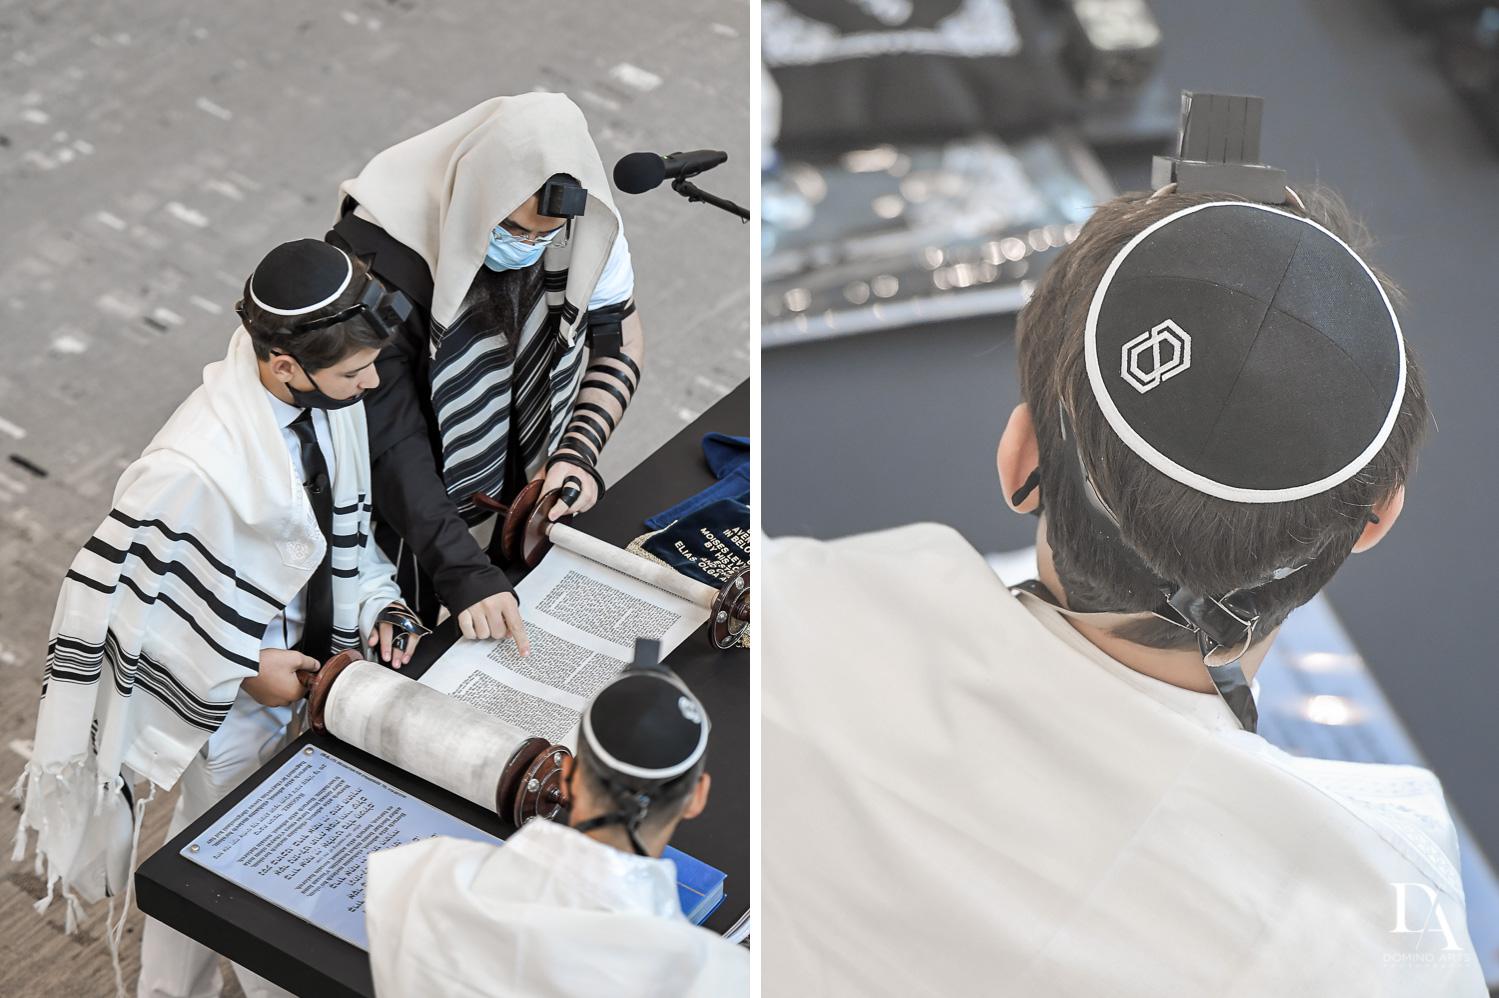 Reading Torah at COVID Bar Mitzvah at Ceremony at Aventura Chabad by Domino Arts Photography